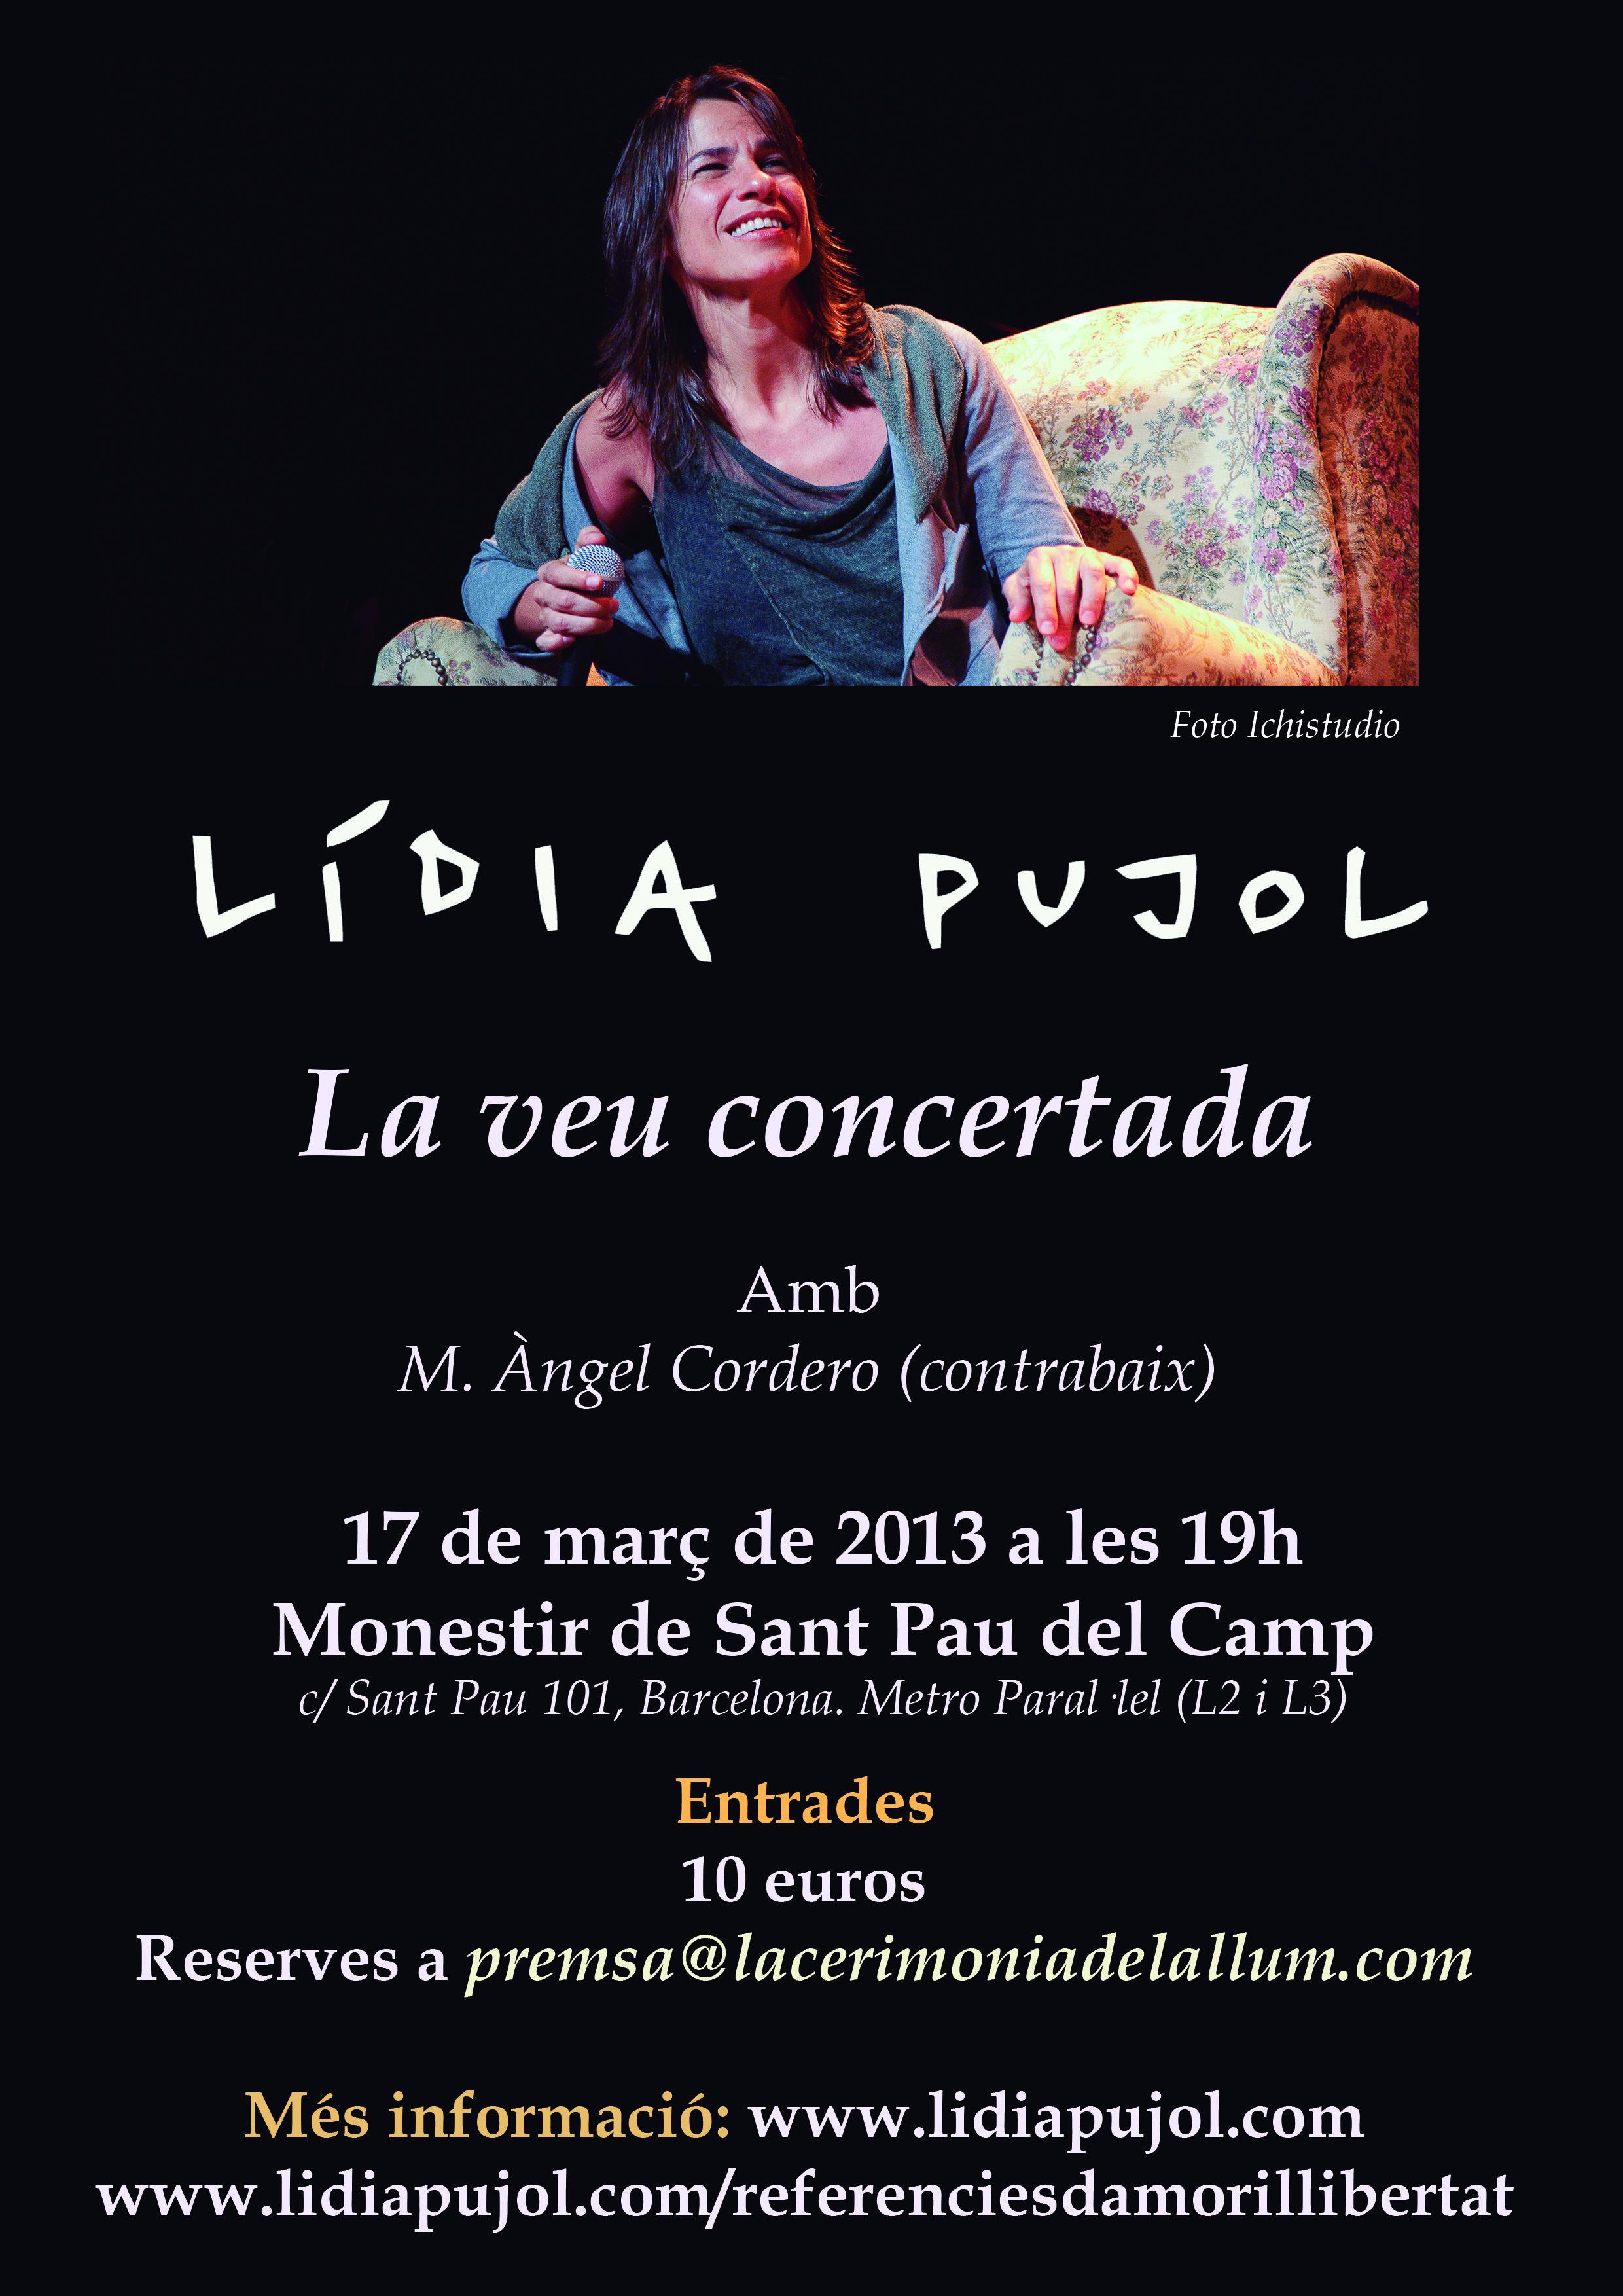 Concert «La Veu Concertada» – 17 de març a les 19h al Monestir de S. Pau del Camp